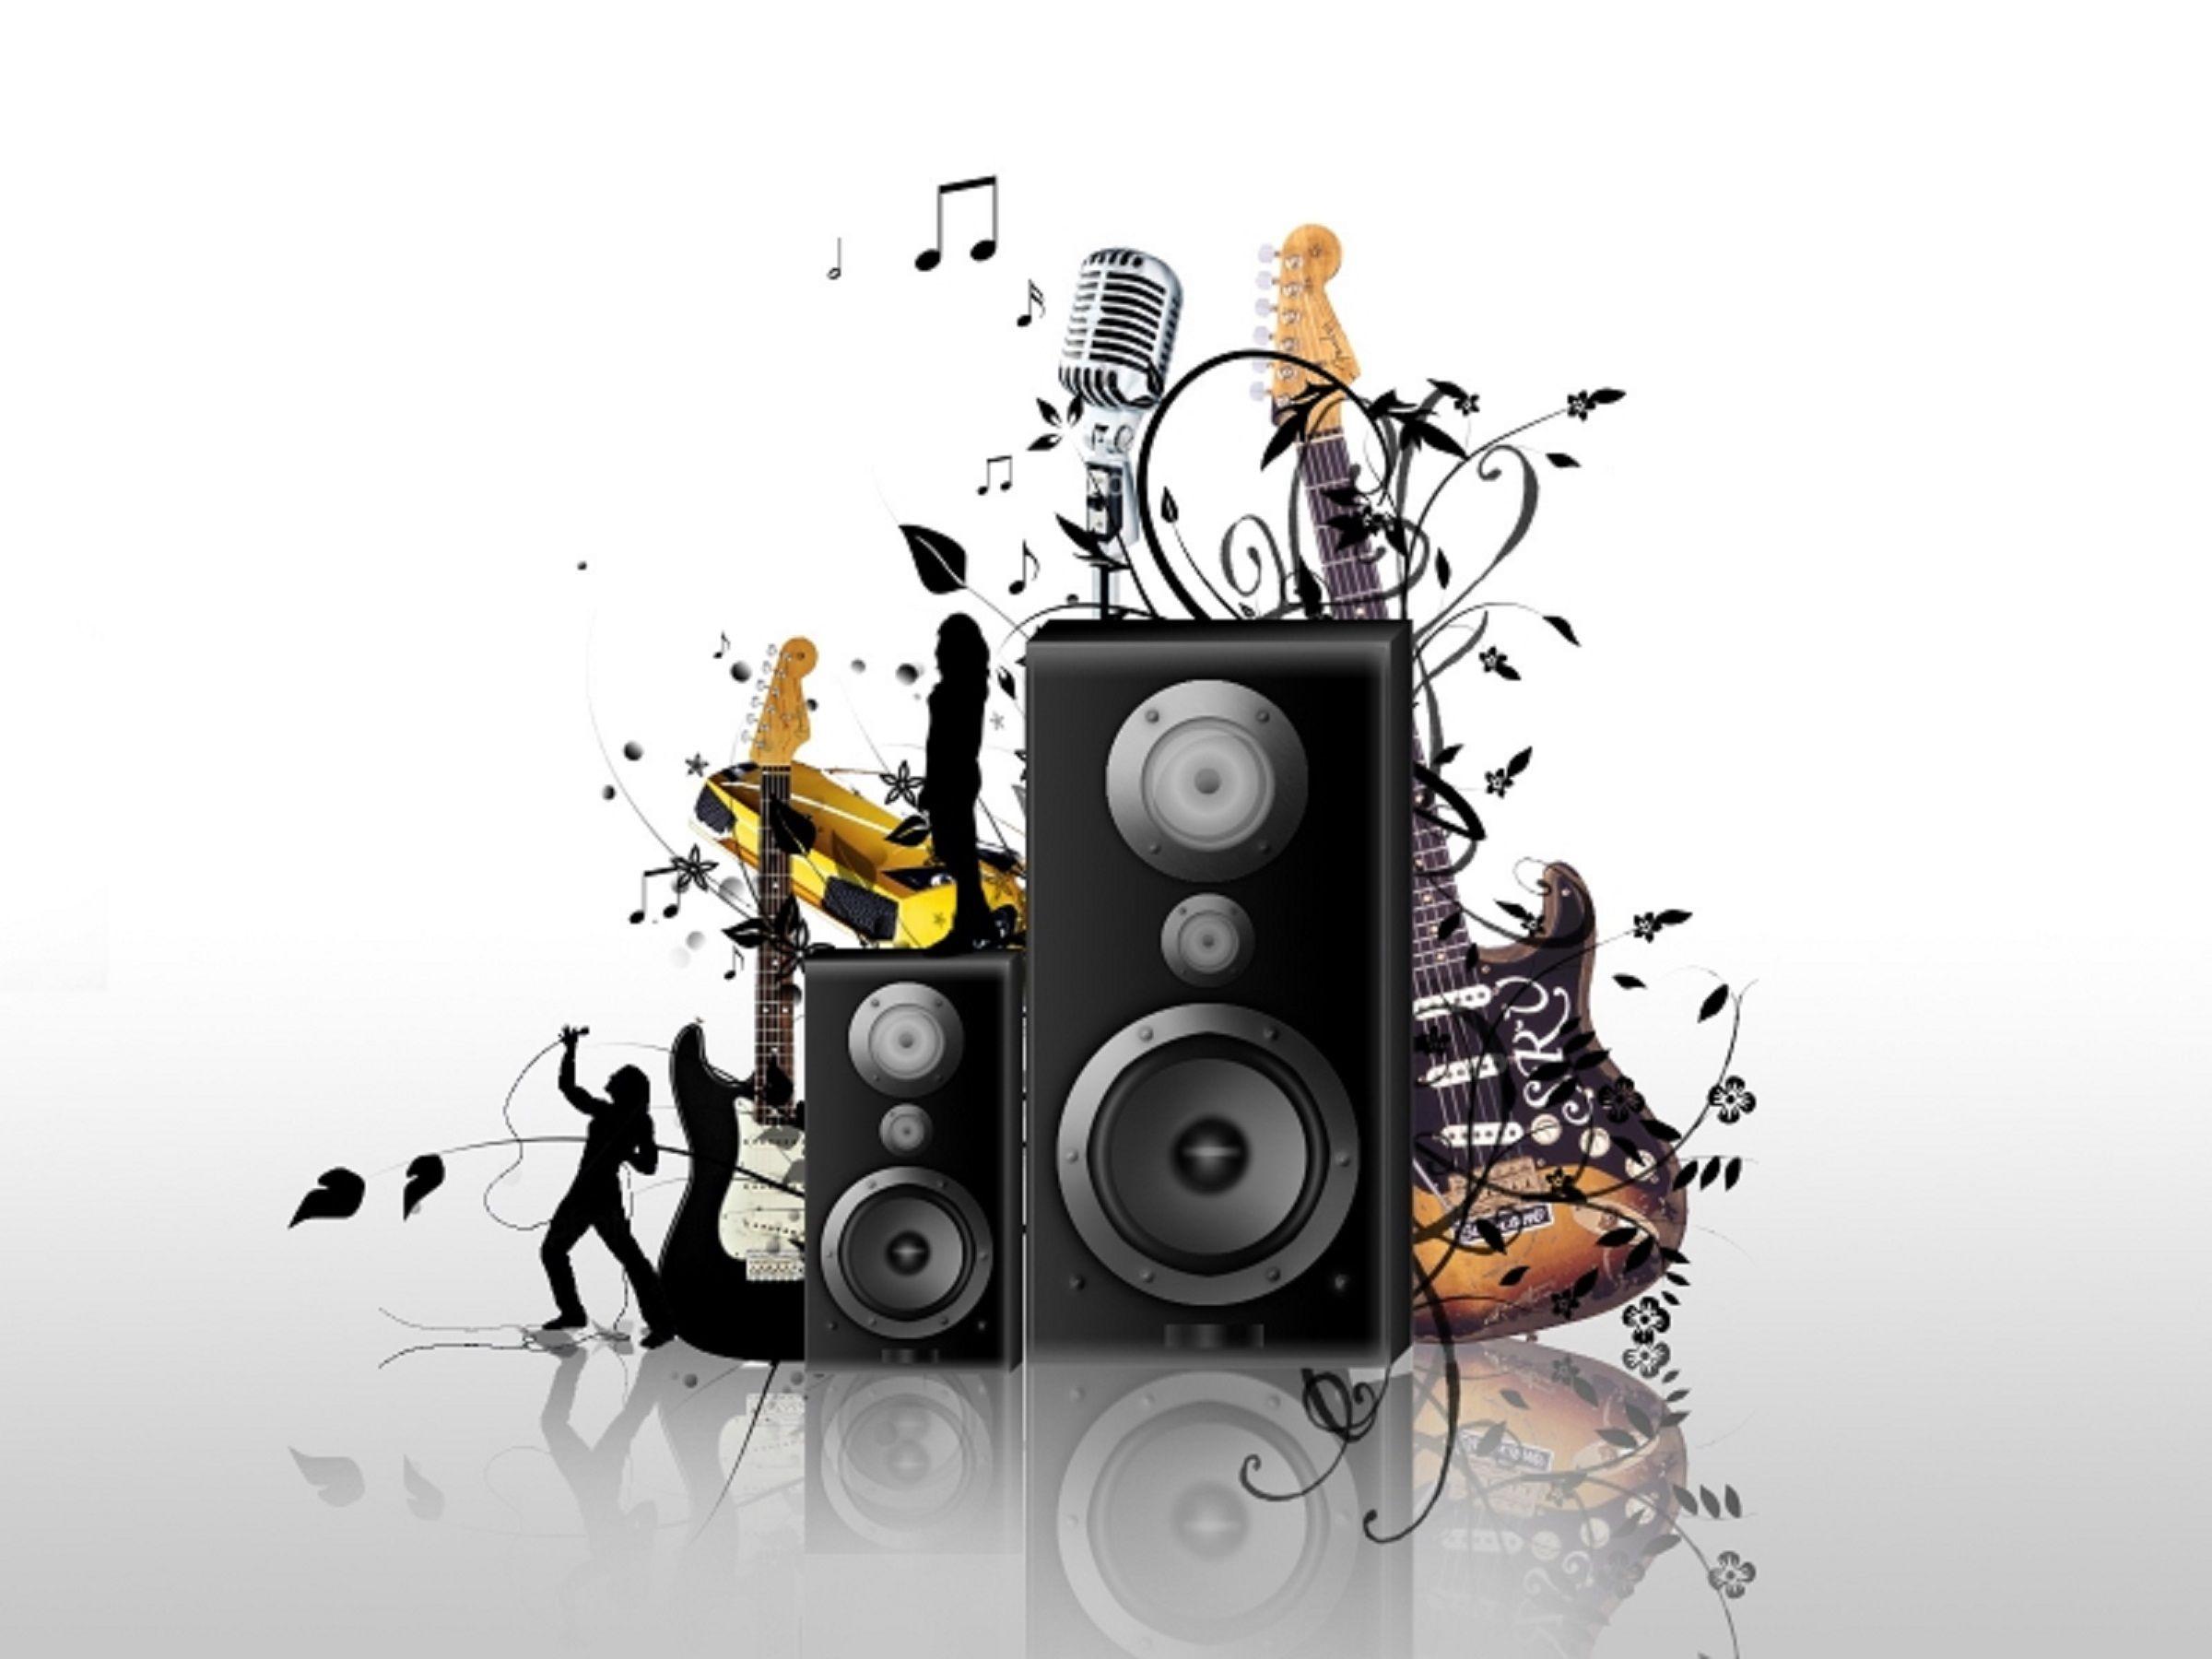 Pin von Елена Бахмутская auf Musik Musik wallpaper